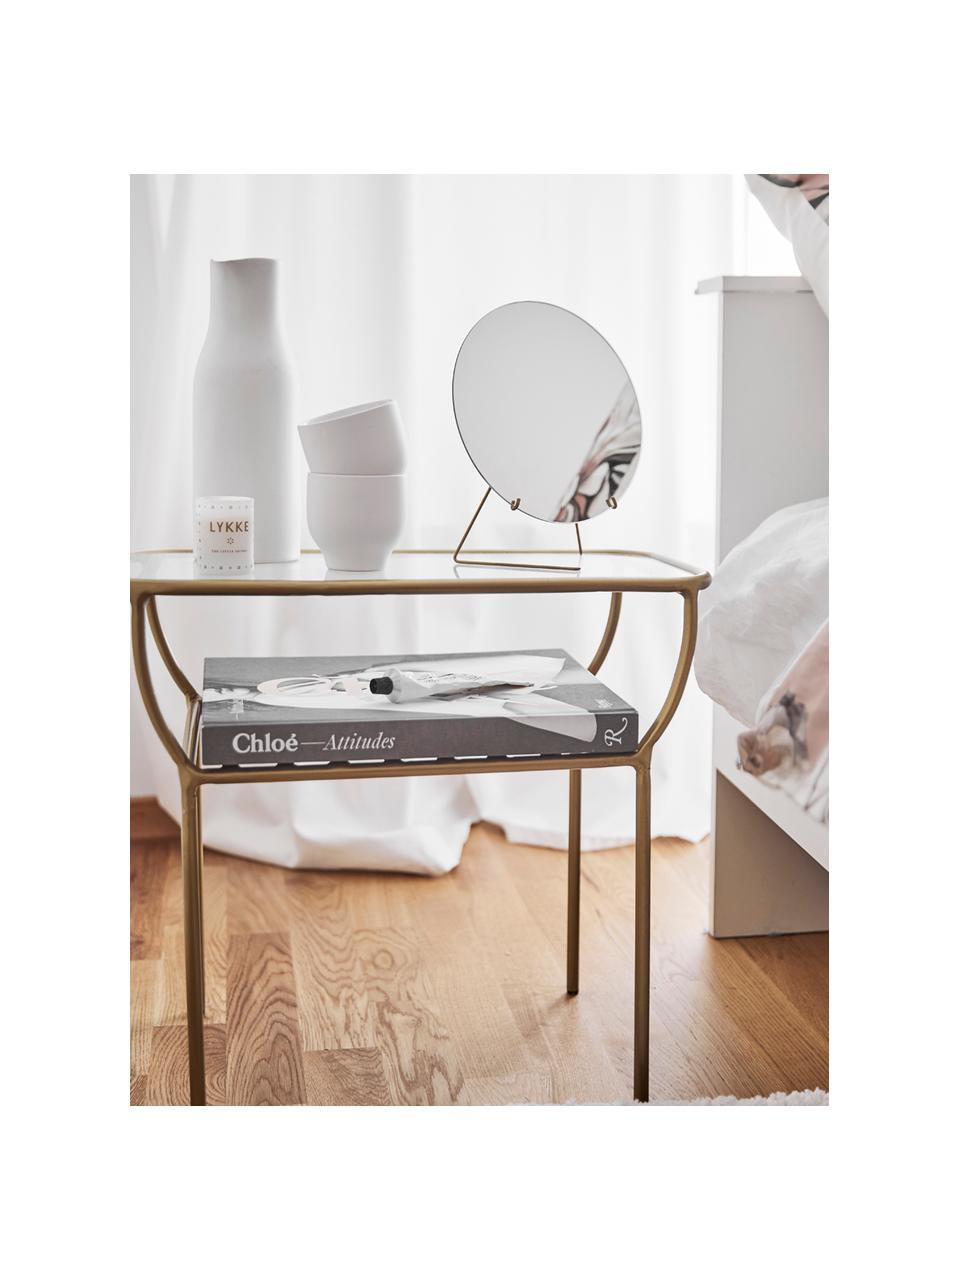 Kosmetikspiegel Standing Mirror, Aufhängung: Messing Spiegel: Spiegelglas, 20 x 23 cm